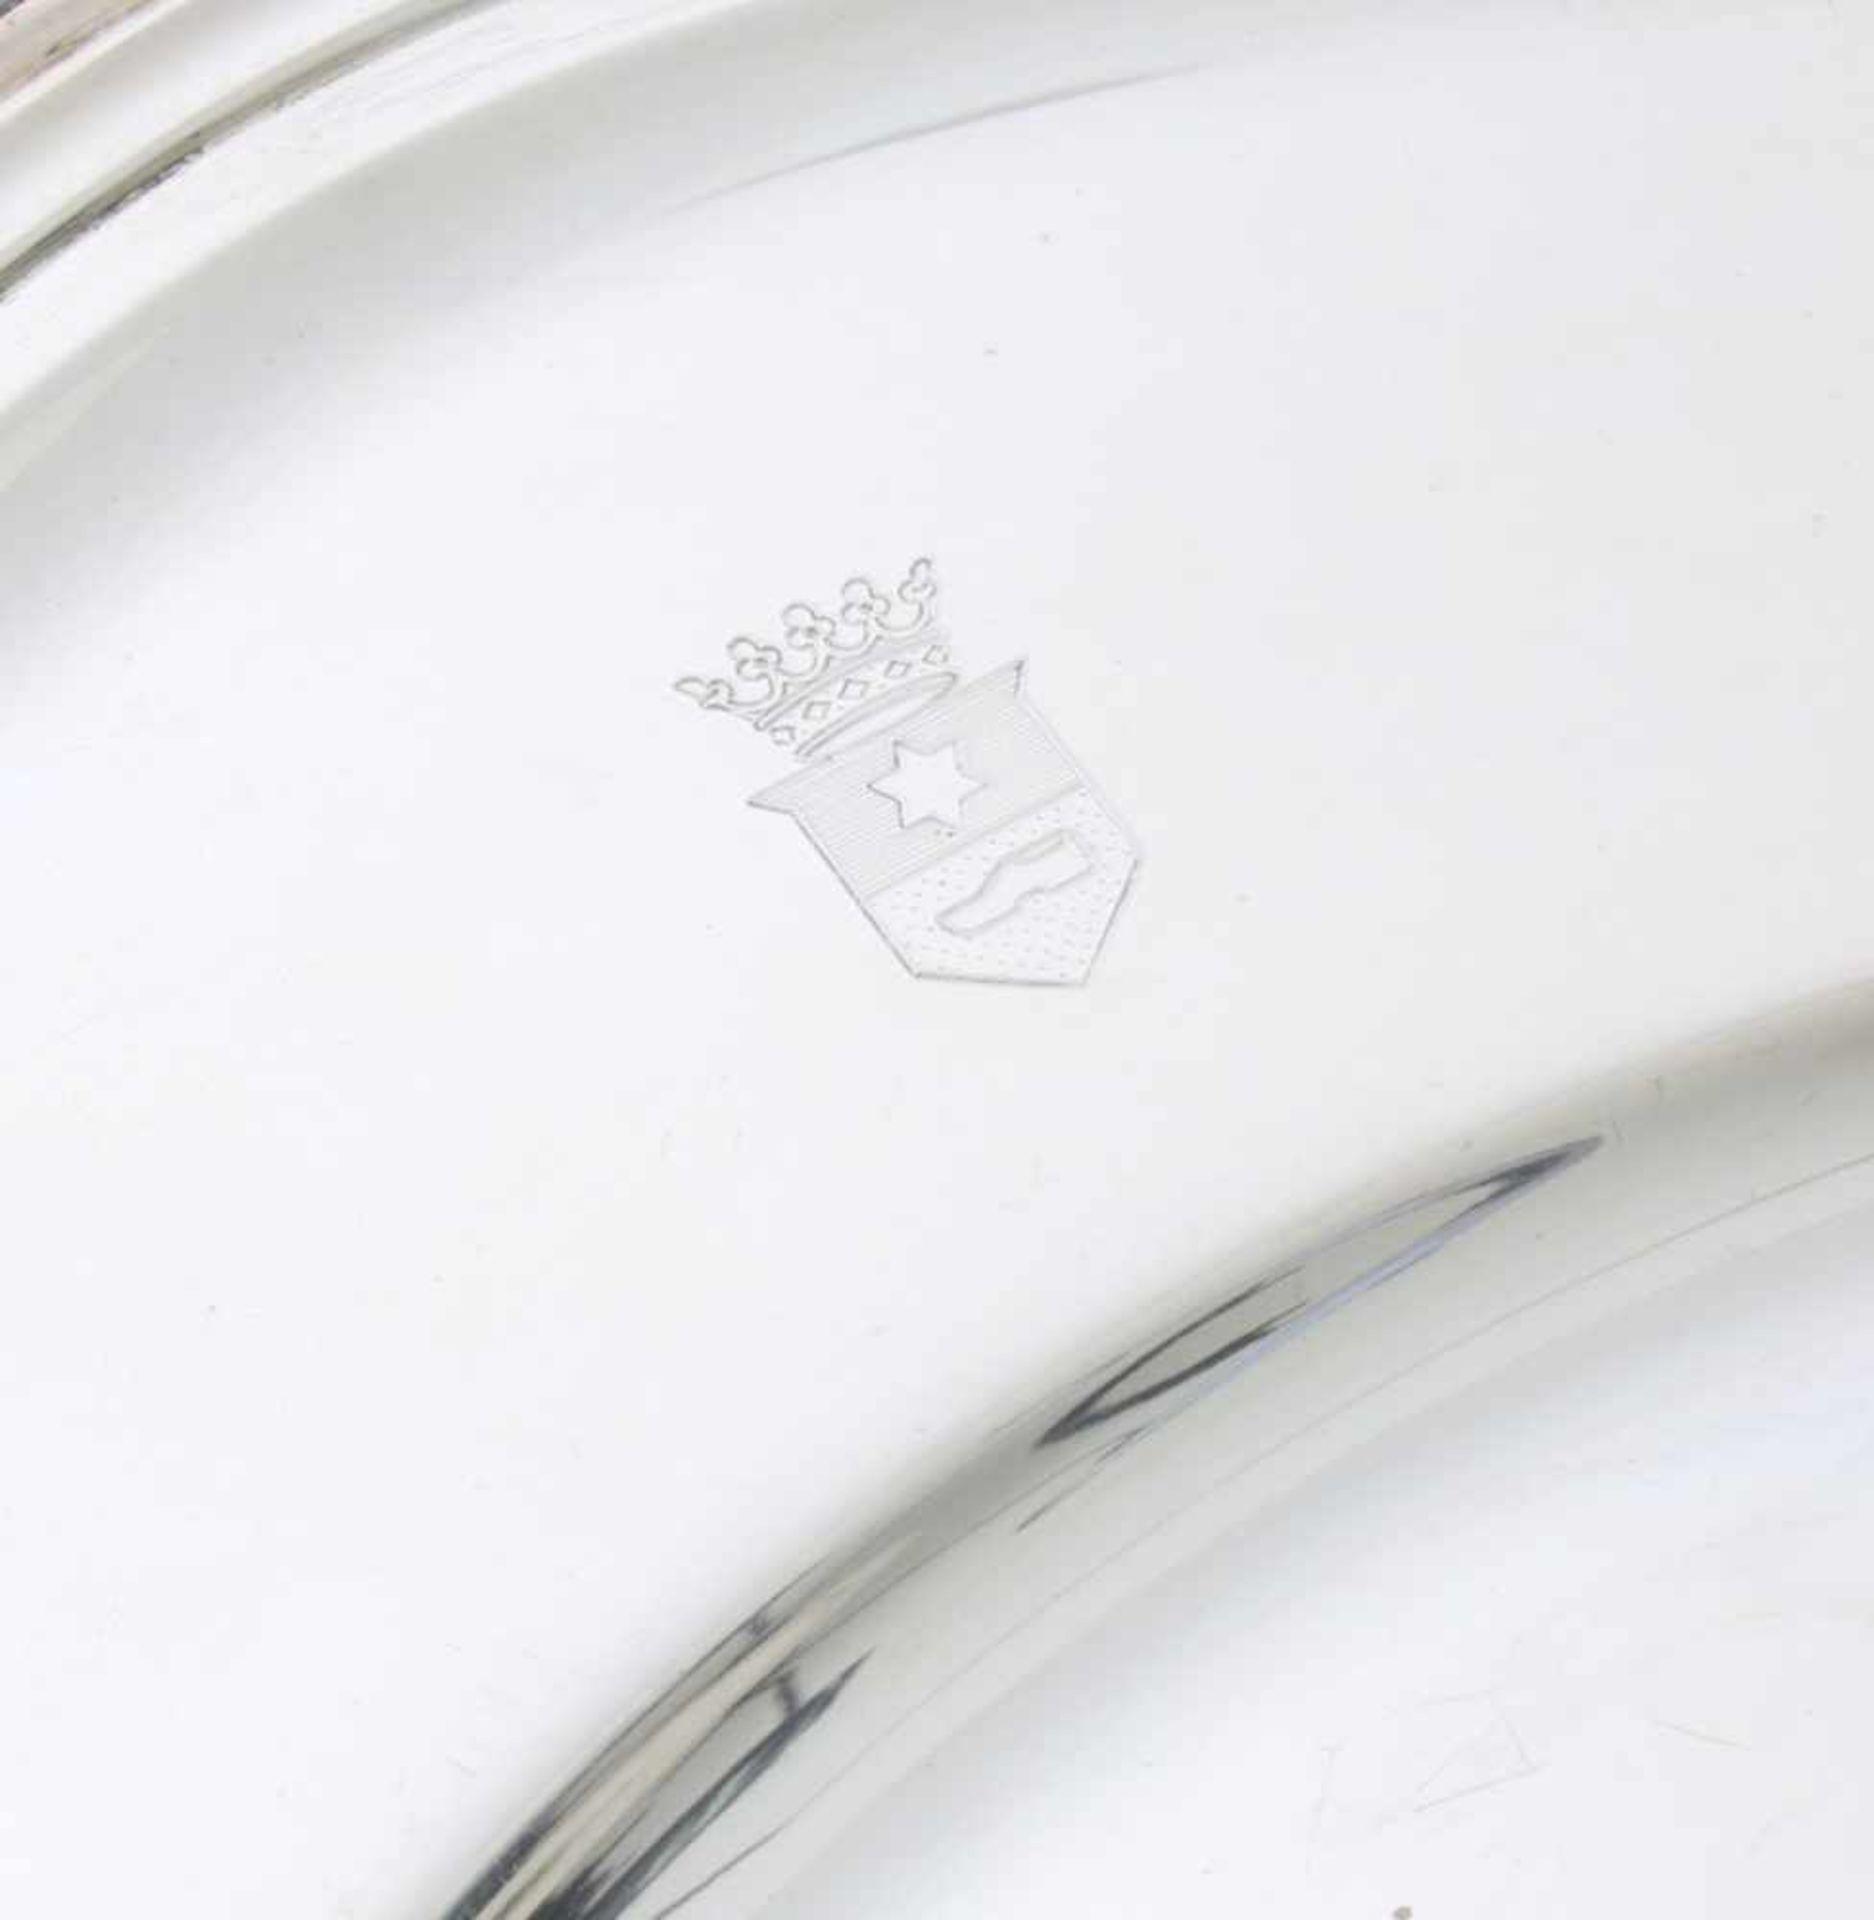 8 silberne Teller mit Wappengravur - Wilkens835er Silber, mehrpassiger und kannelierter Rand, - Bild 2 aus 3